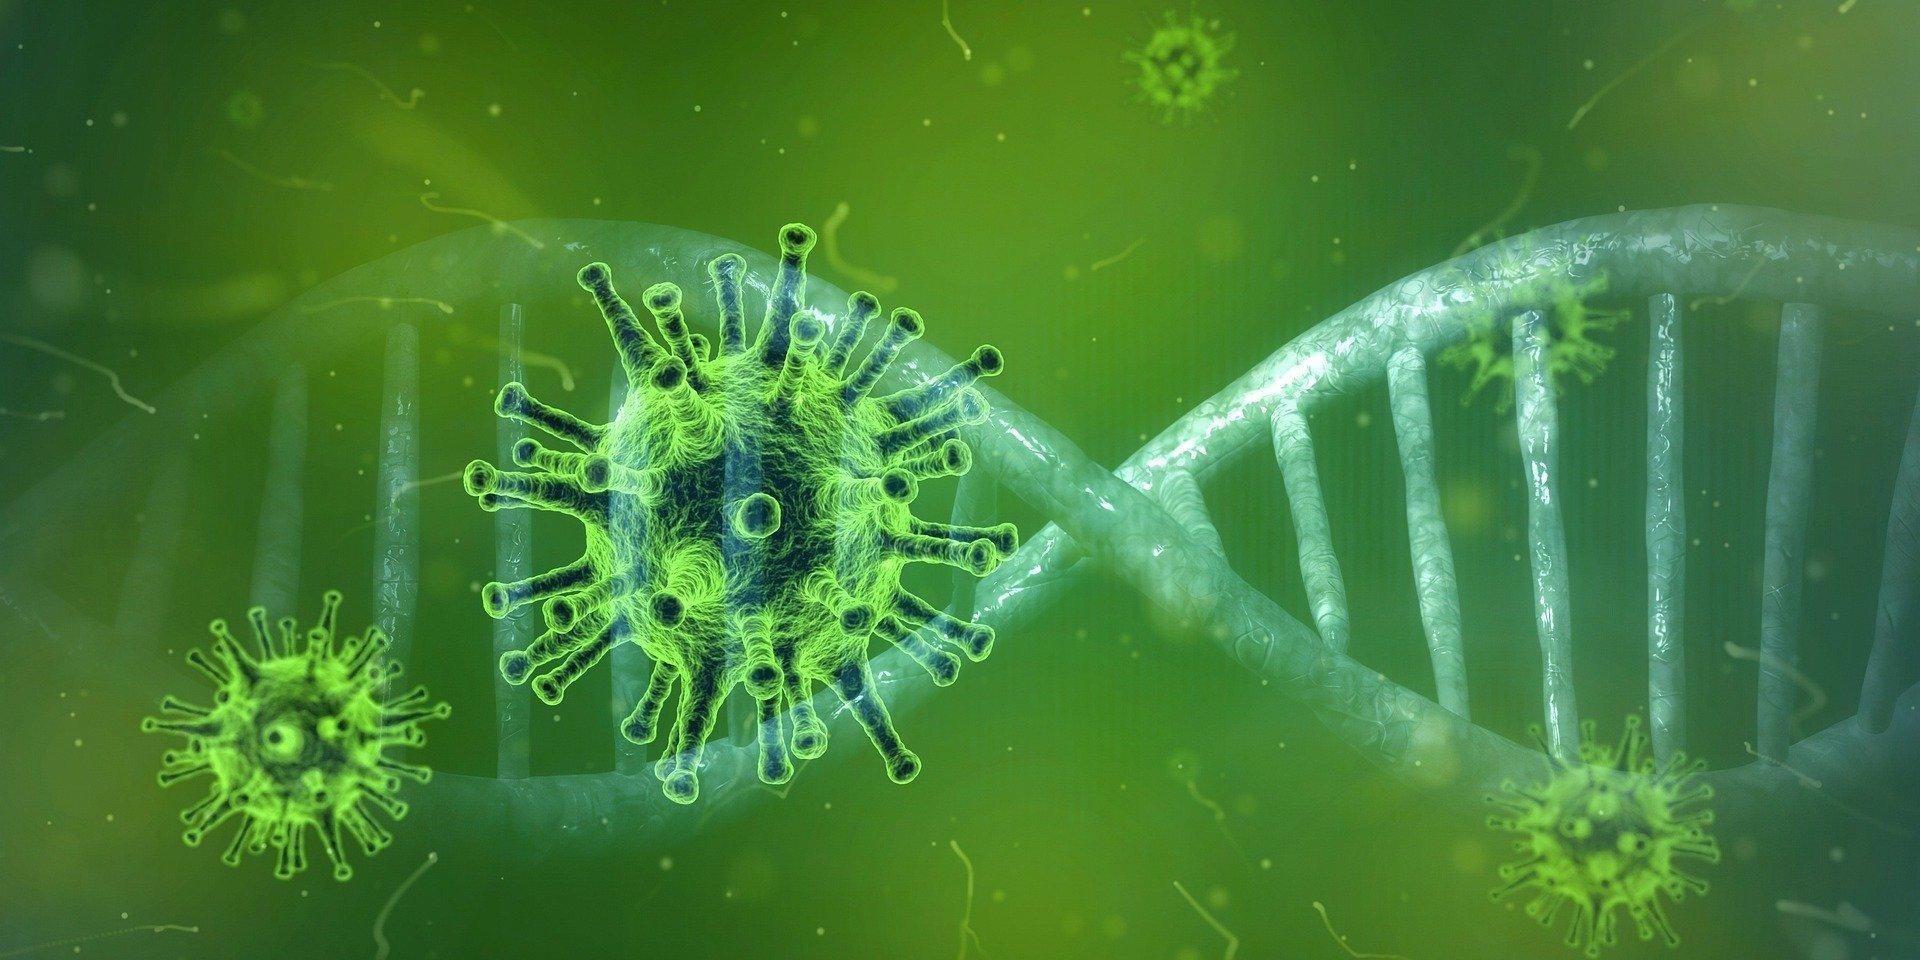 Teorías → Origen Coronavirus: ¿Arma biológica, Tecnología 5G?